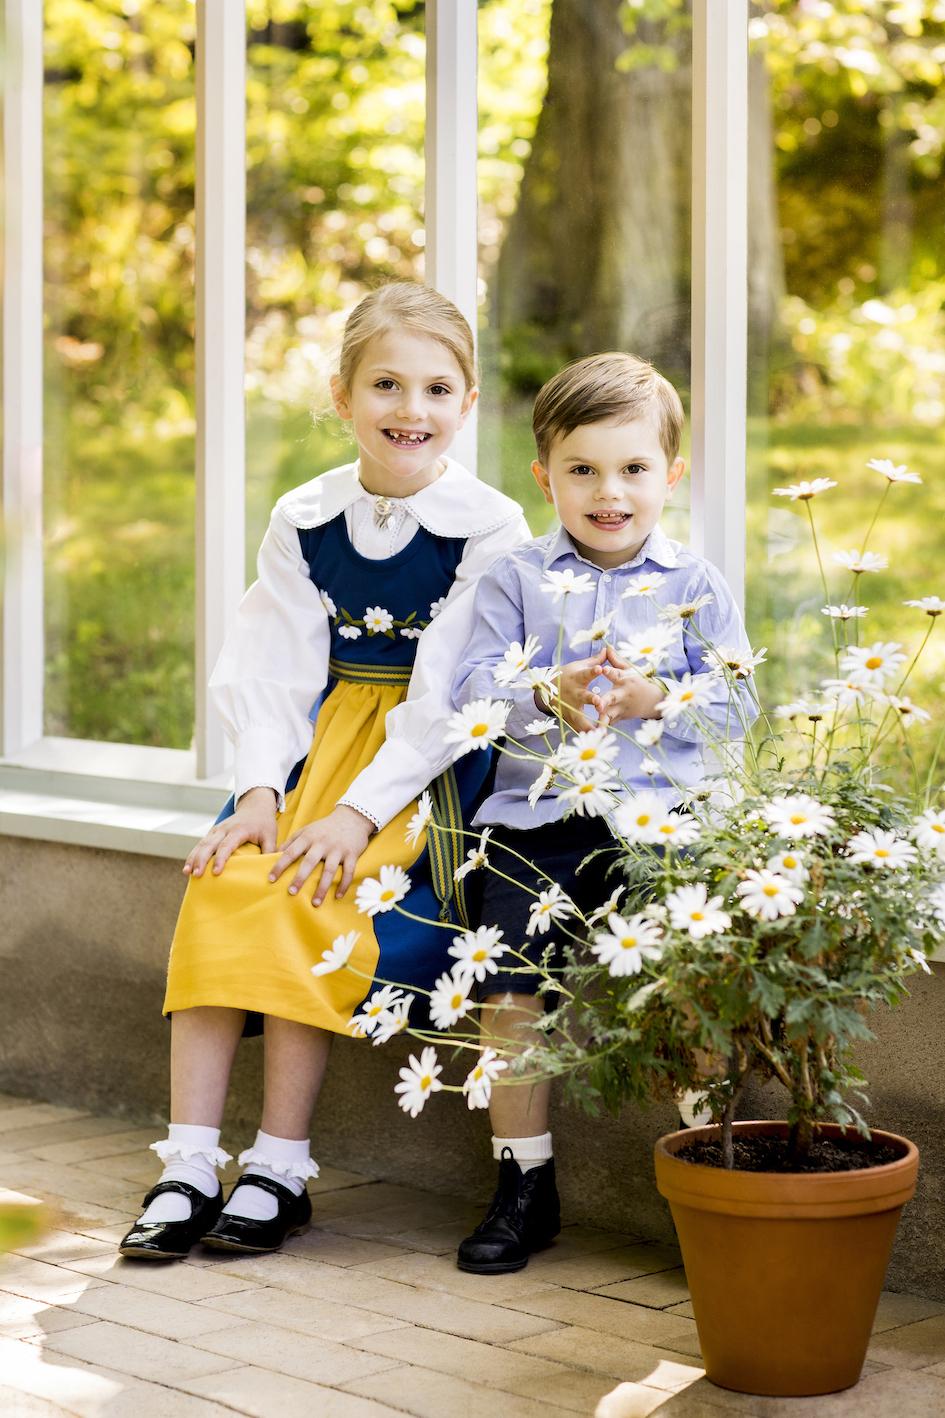 Prinzessin Estelle sieht in ihrer Tracht einfach niedlich aus. Doch Prinz Oscar stiehlt ihr mit seiner Merkel-Raute glatt die Show.  © Linda Broström Kungl. Hovstaterna